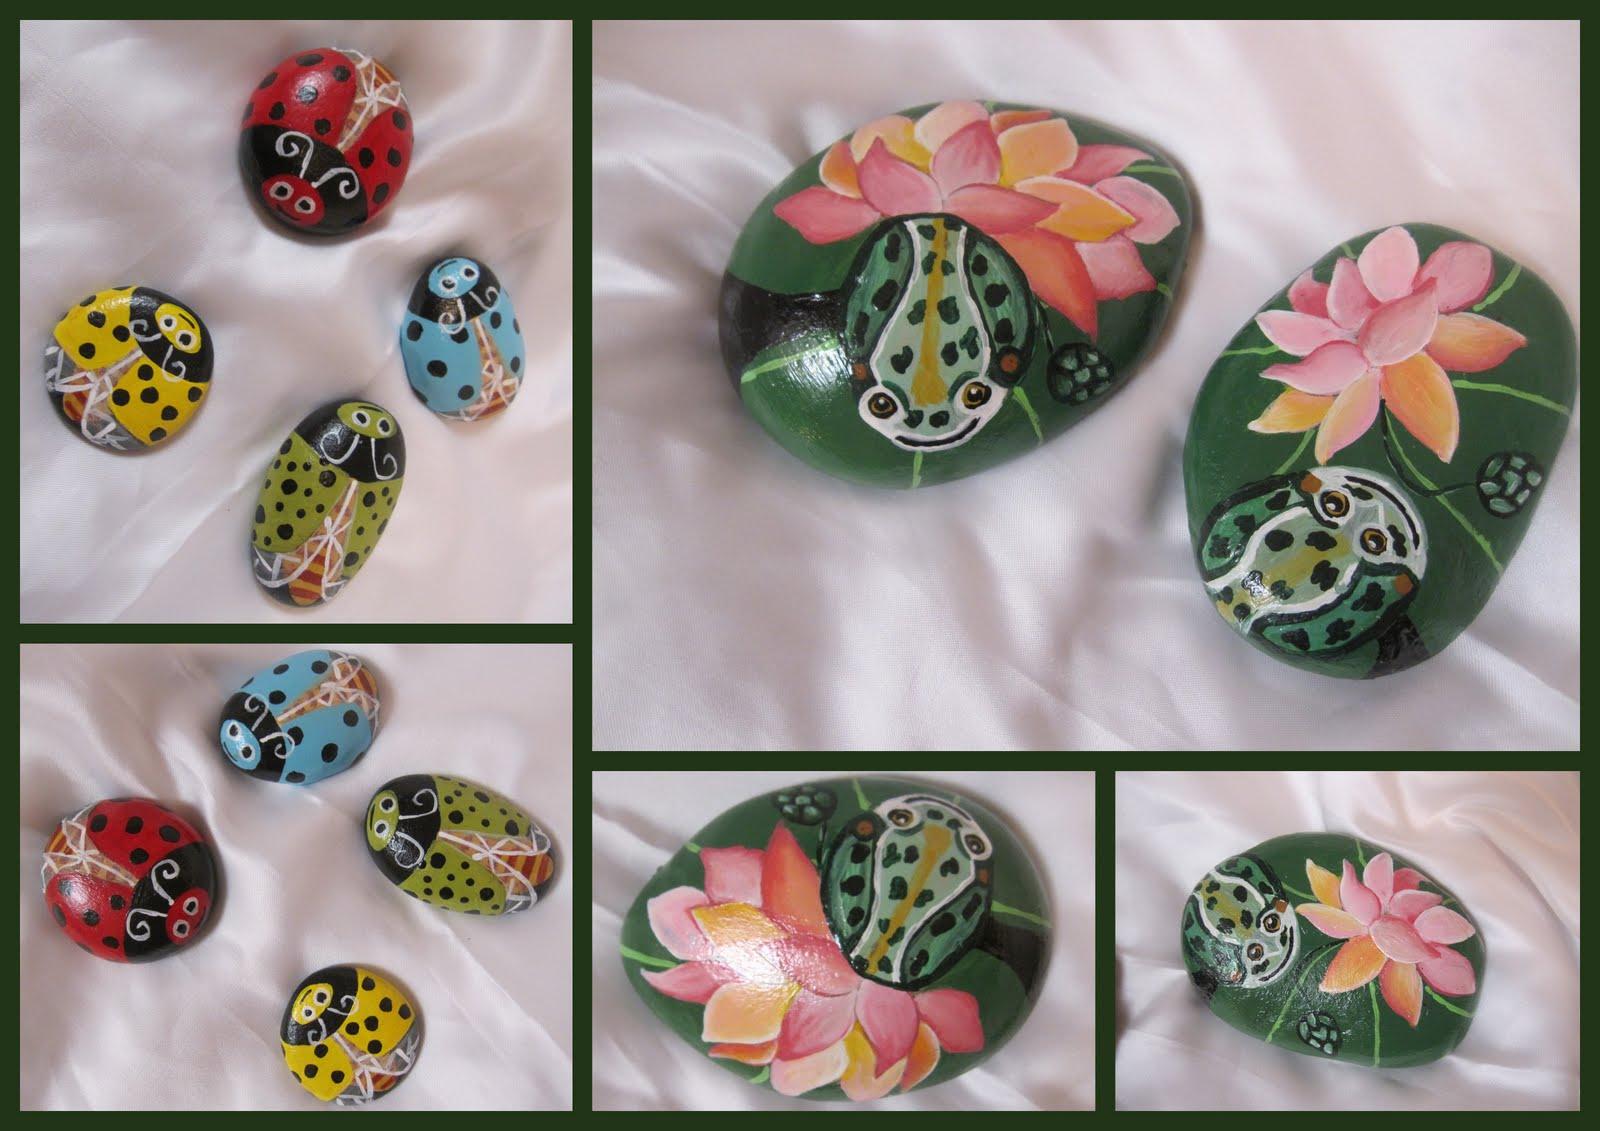 Lasmanualidadesdesule mas piedras pintadas - Piedras de rio pintadas ...